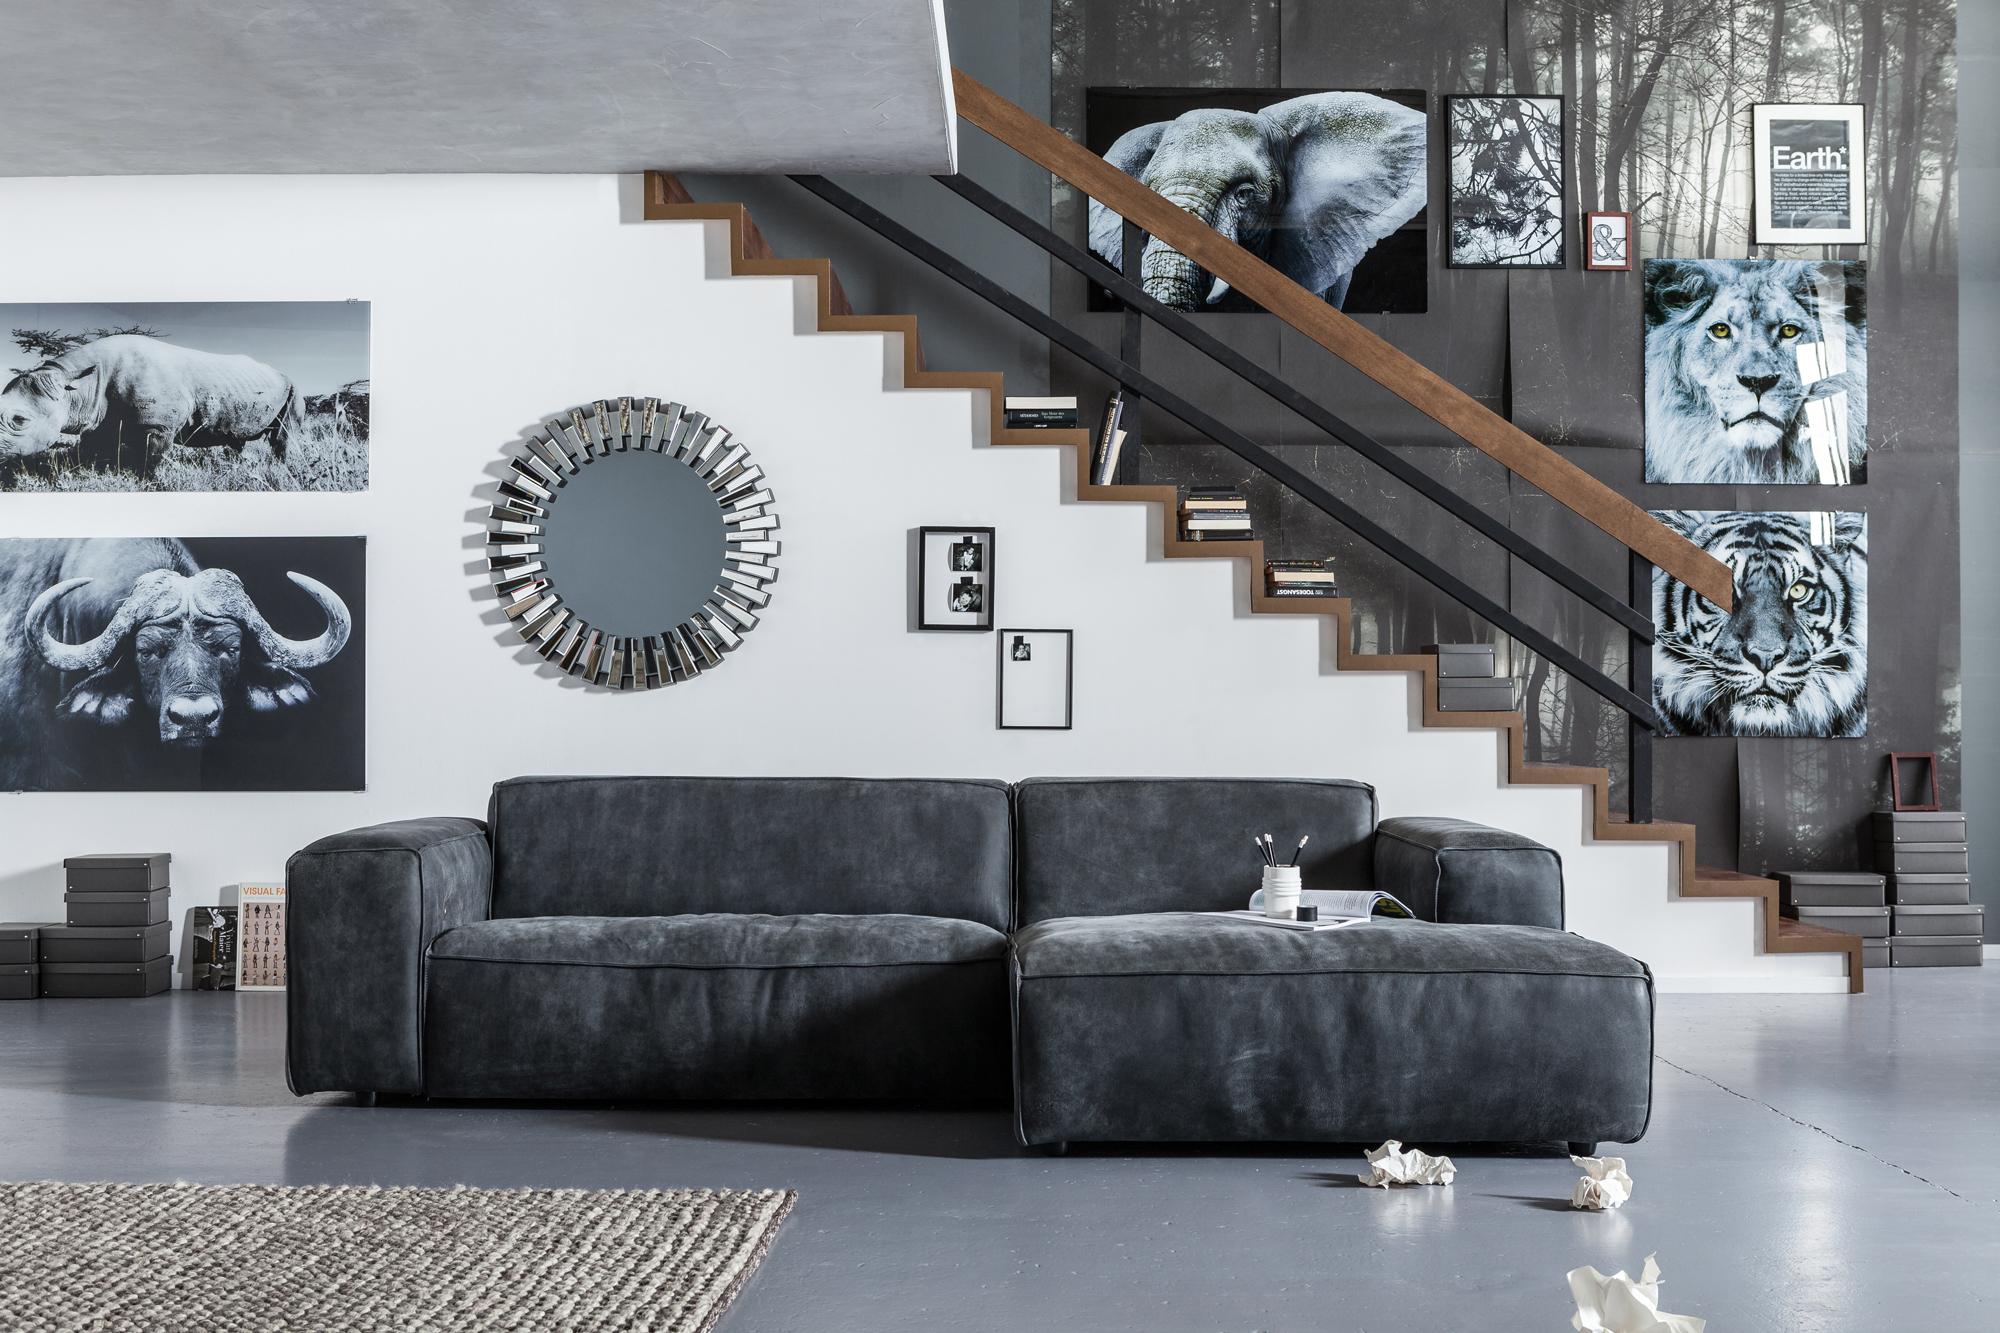 Full Size of Kare Sofa Leder Infinity Design Bed Dschinn Furniture List Couch Rolf Benz Husse Weiß Grau Für Esstisch Stilecht Blaues Landhausstil Wk Mit Holzfüßen Sofa Kare Sofa